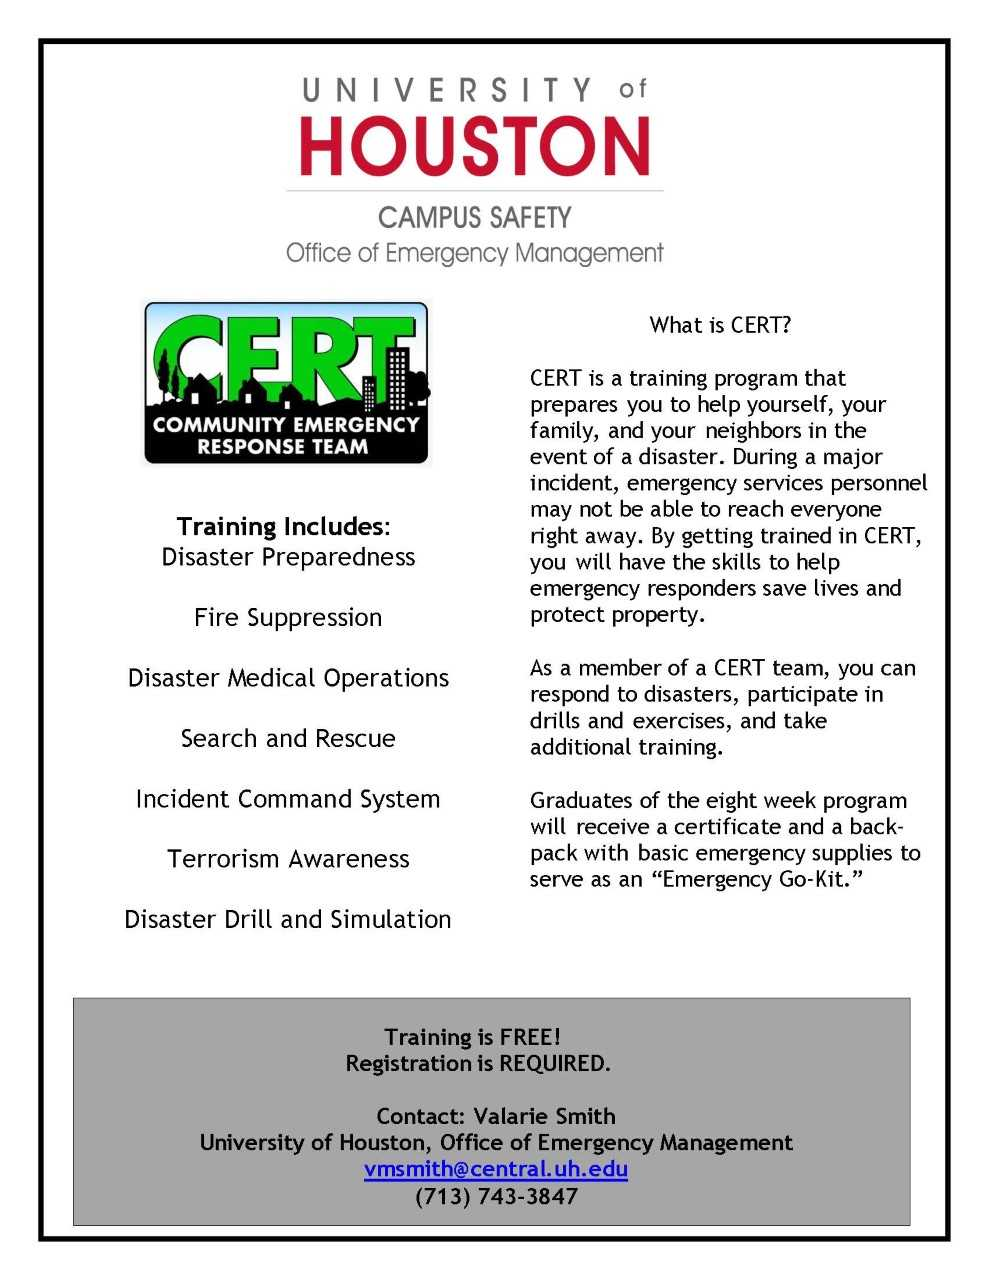 CERT - University of Houston